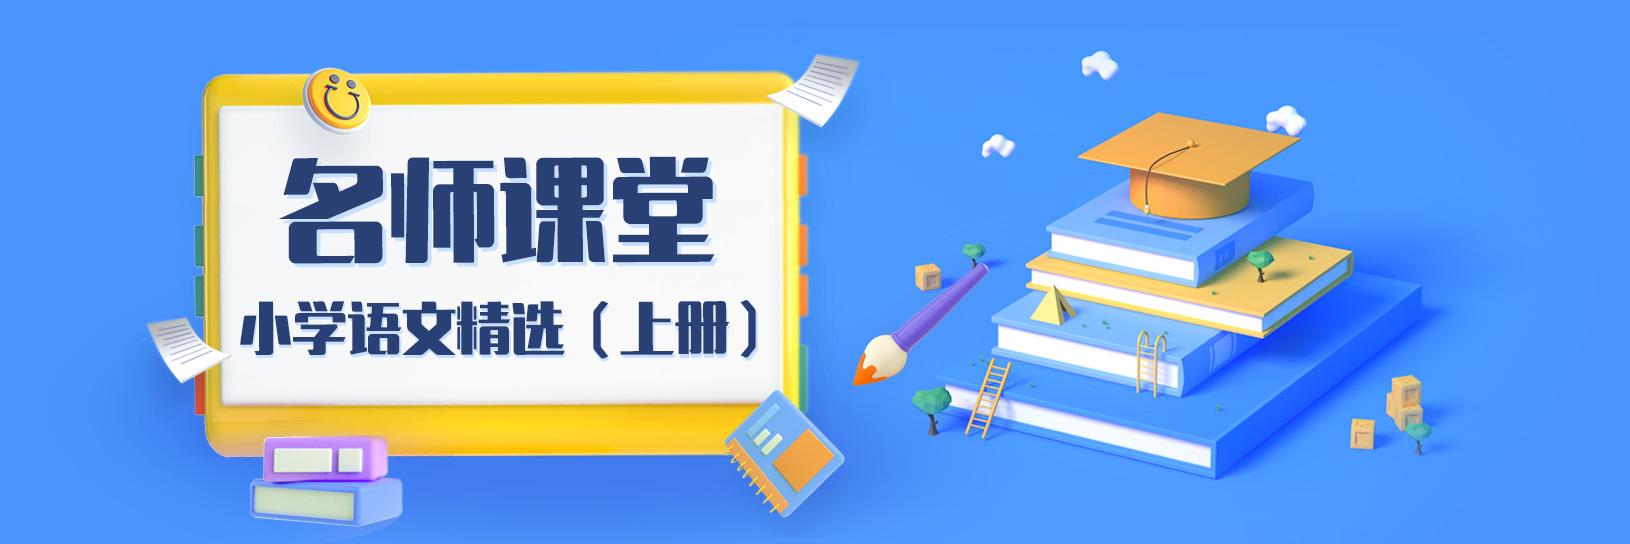 小學語文名師精選(上冊)